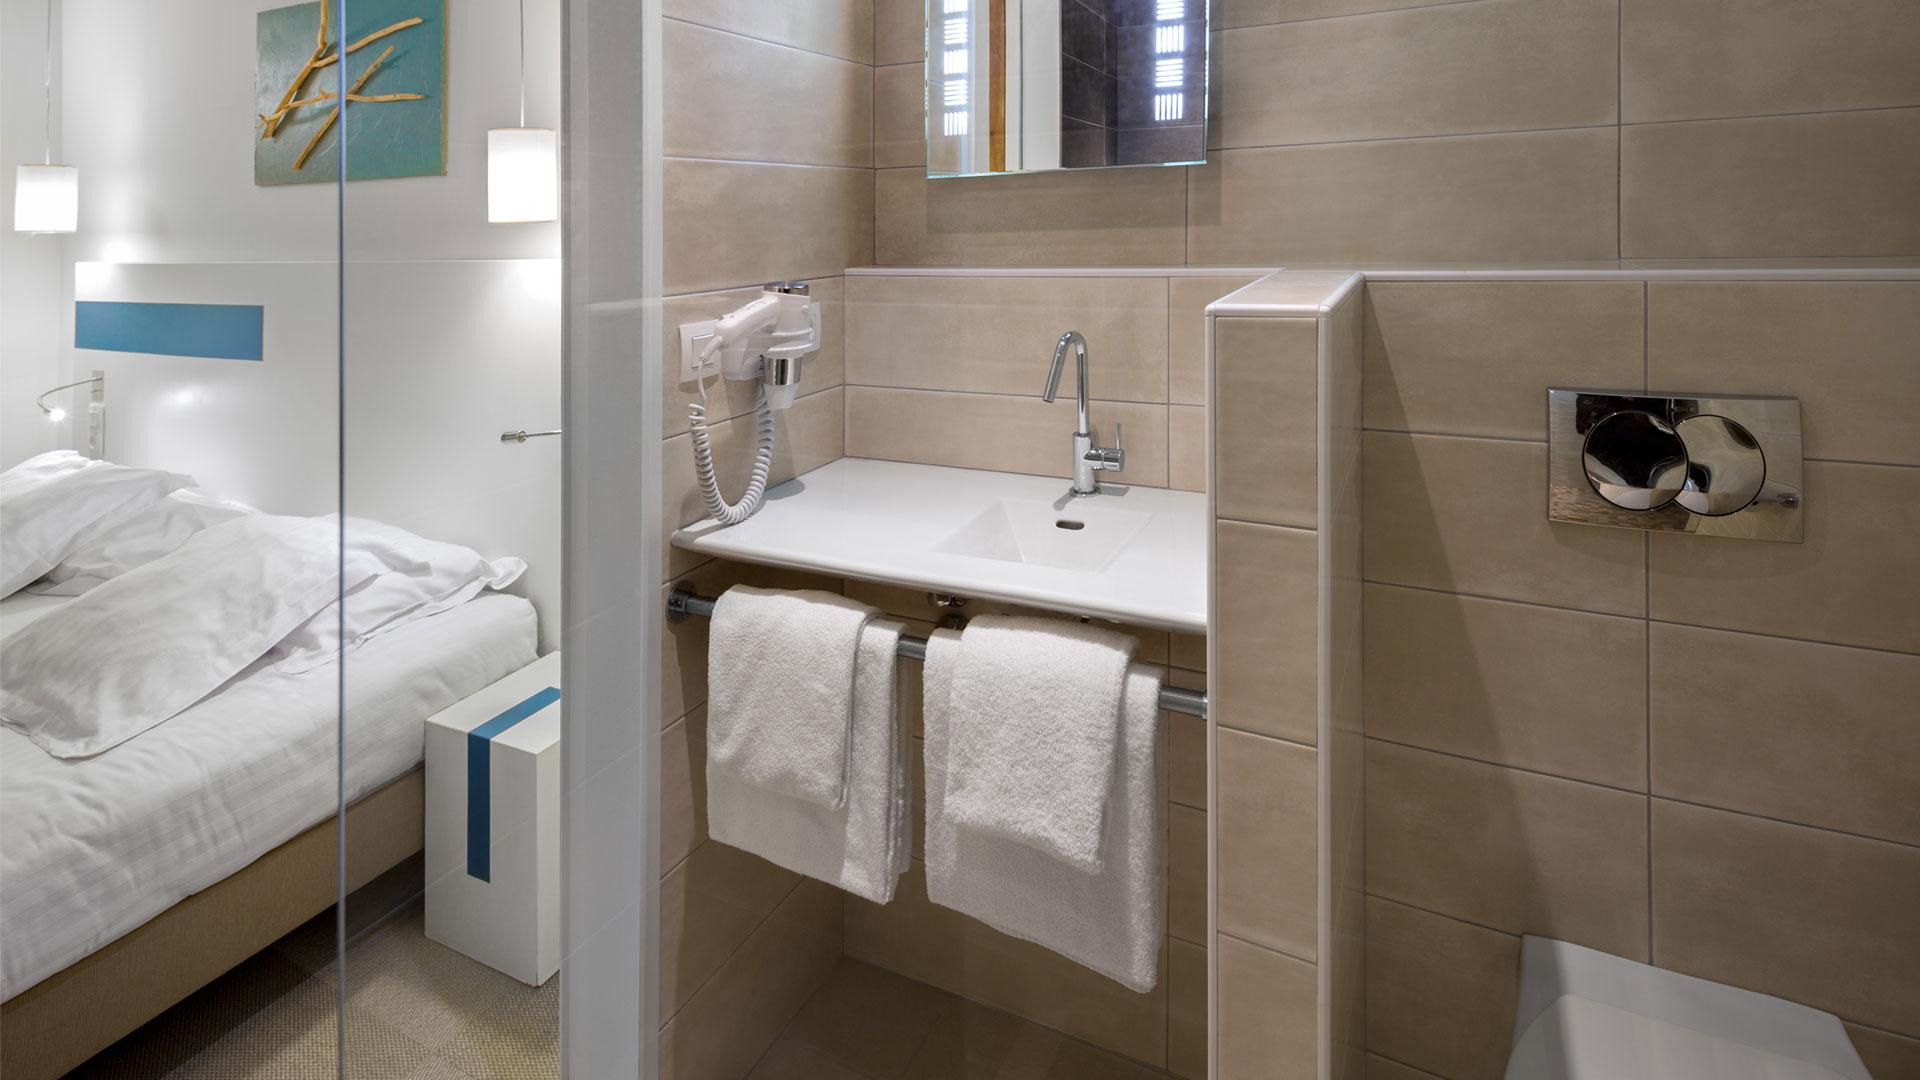 salle de bain hôtel 3 étoiles Biarritz